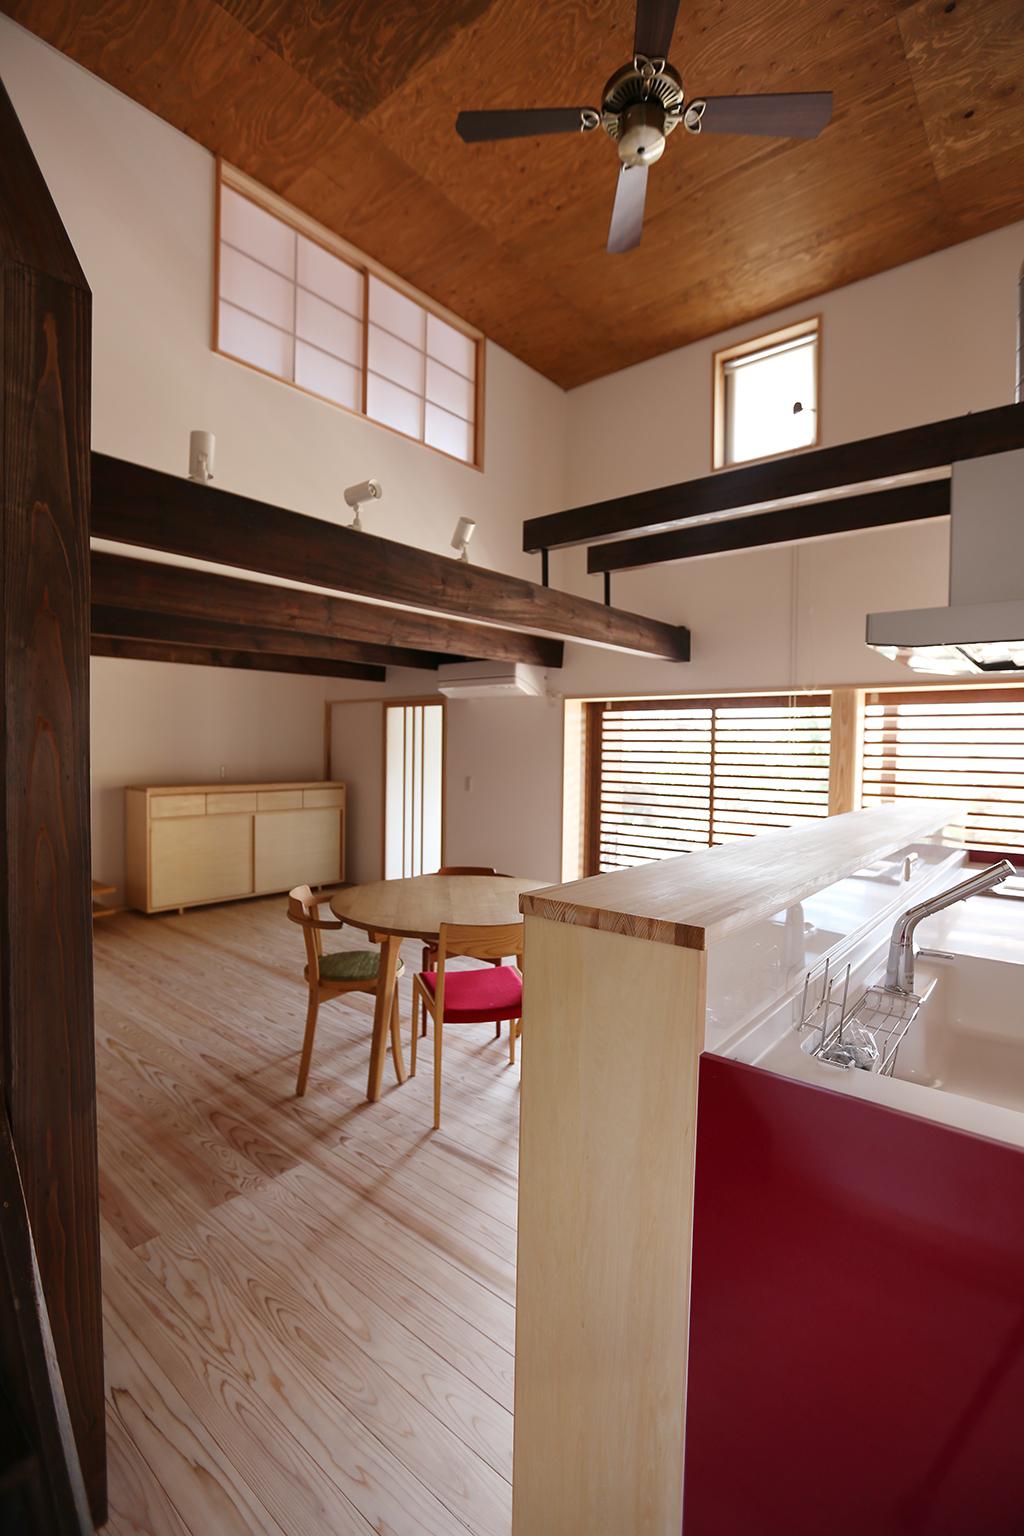 加古川市の木の家 吹き抜けのあるリビングダイニングキッチン